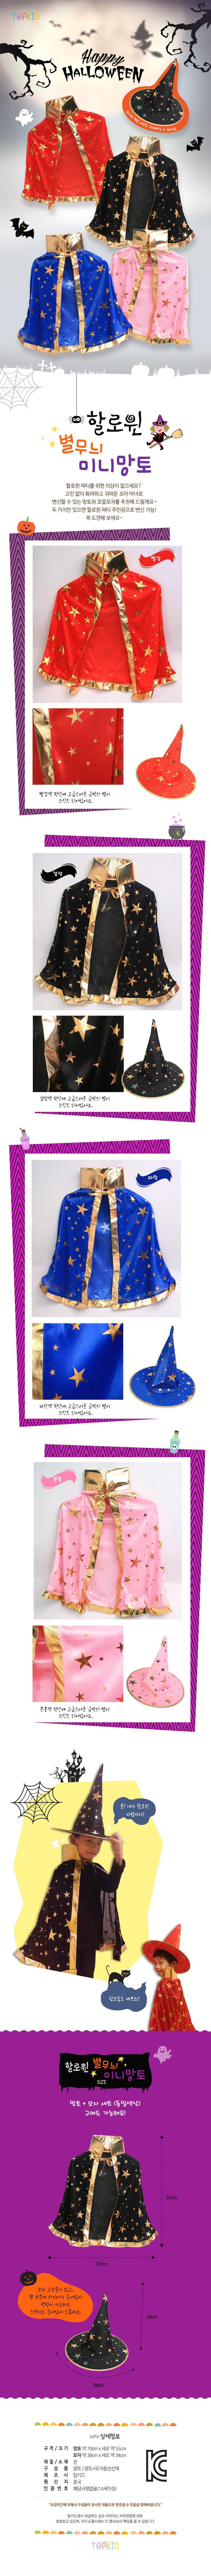 할로윈 별무늬 미니망토(모자셋트 구매가능) - 하비파티, 5,000원, 파티용품, 할로윈 파티